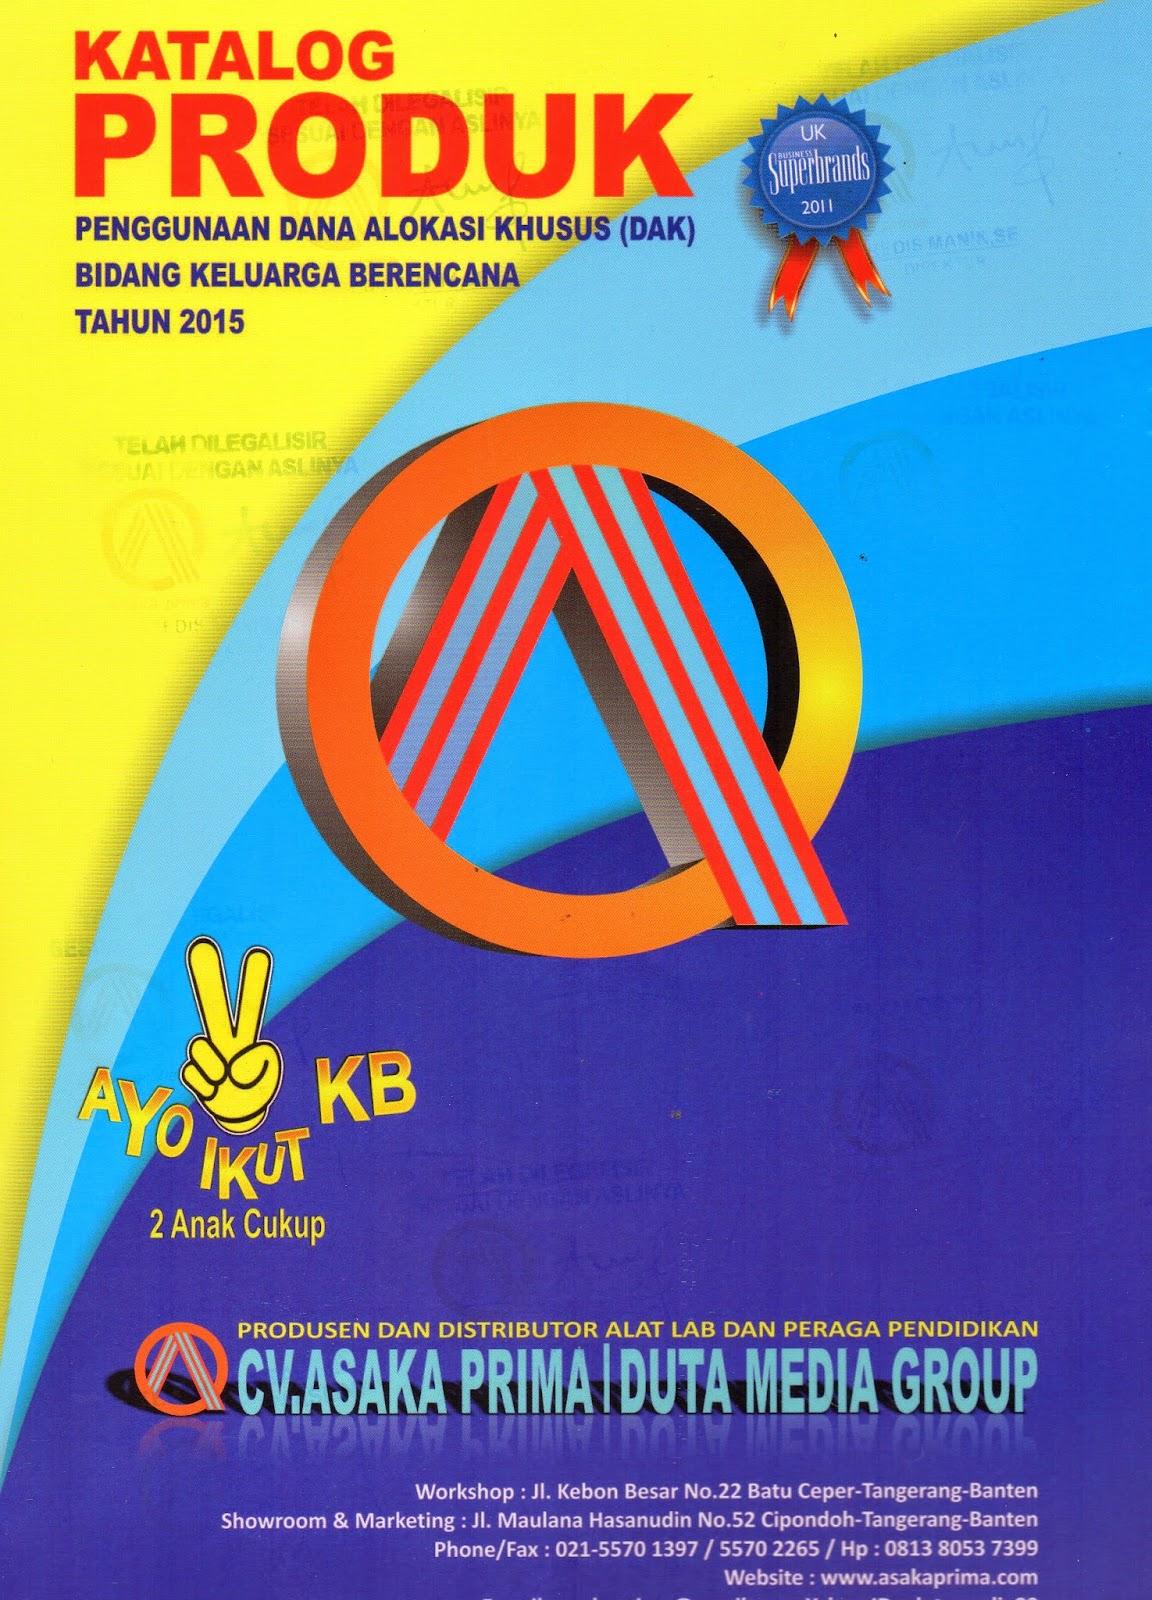 Produk Dak BKKBN 2015 dengan produk sesuai juknis ... Implant Kit Bkkbn 2015,Public Addres Bkkbn 2015